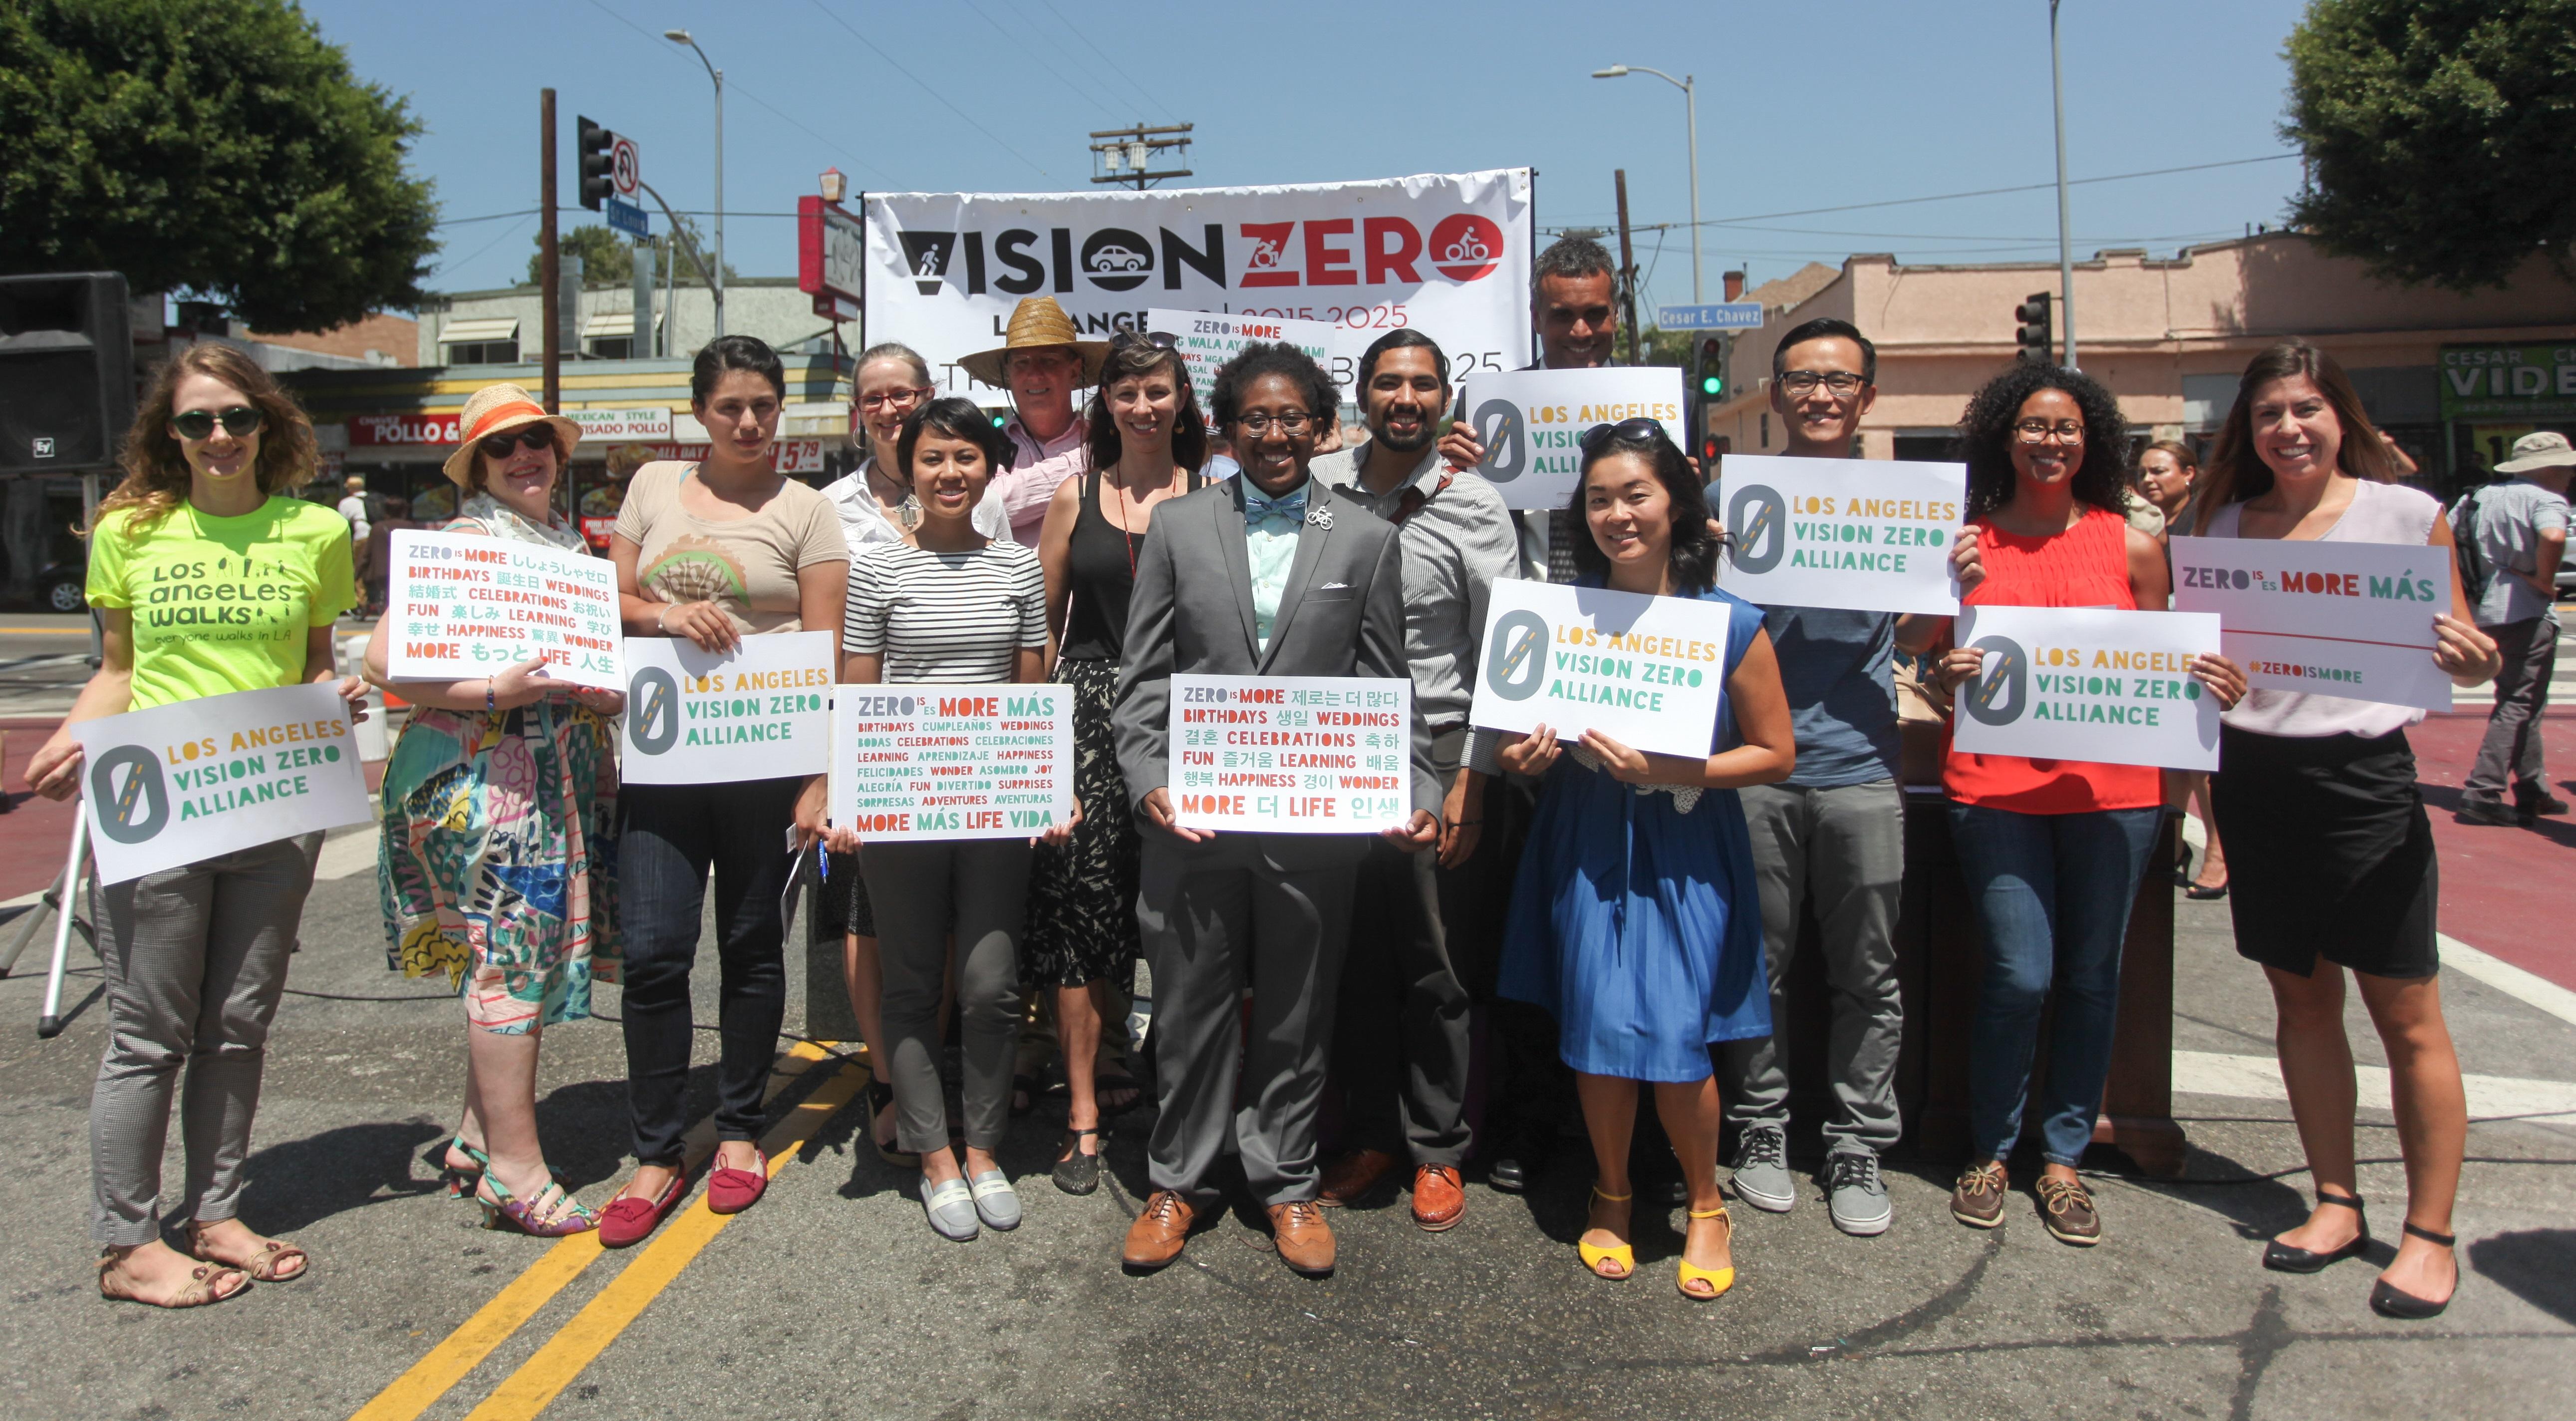 Vision_Zero_Alliance.jpg